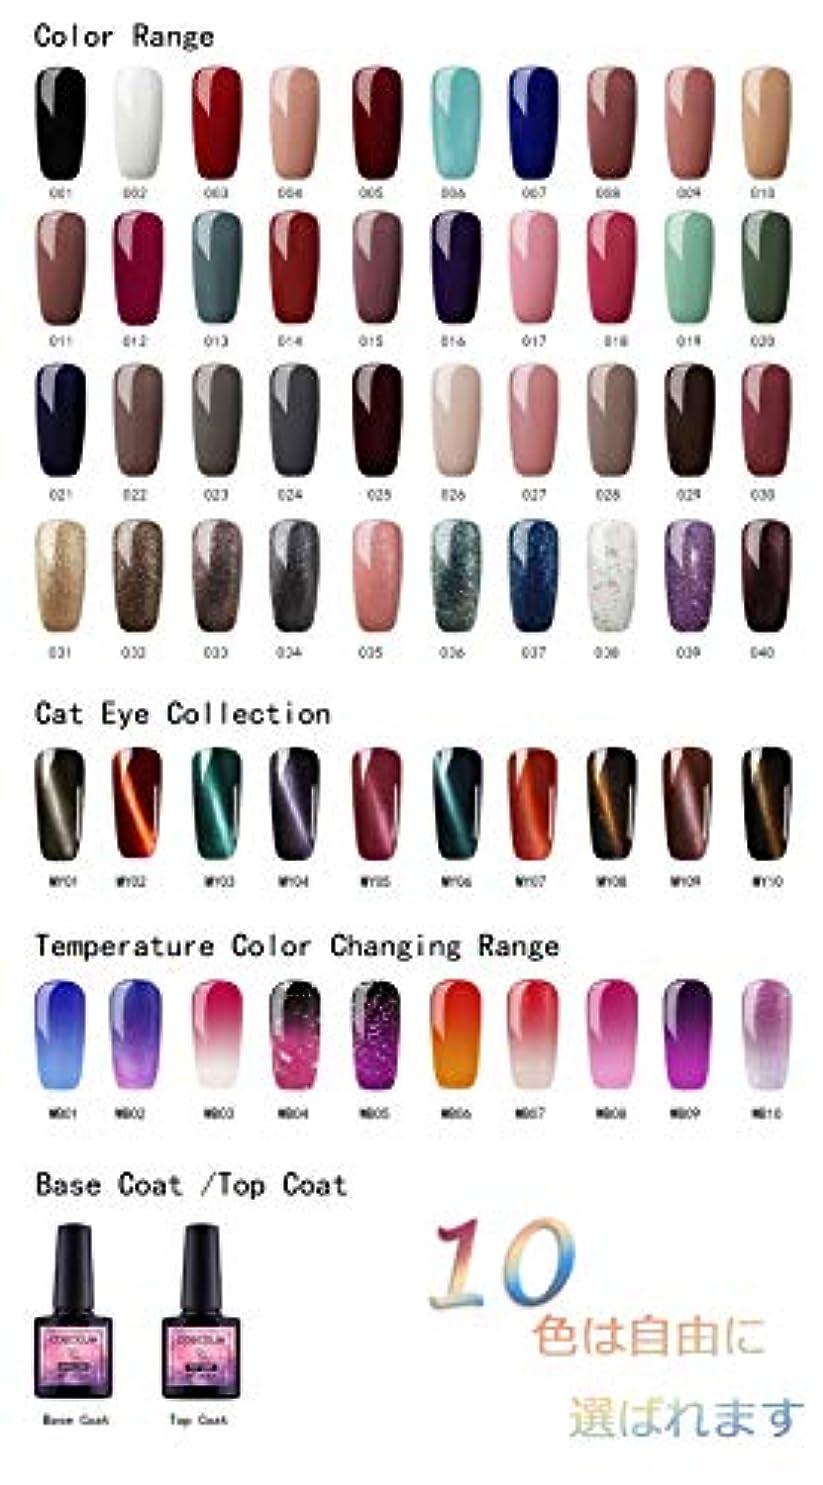 バブルラベンダー製品Twinkle Store カラージェル 10色套装 完璧なセット 8ml キャットアイジェルキット カメレオンカラージェルセット  ジェルネイルカラー UV/LED 适用 ネイルアートジェルで簡単に DIY 下の色で10...